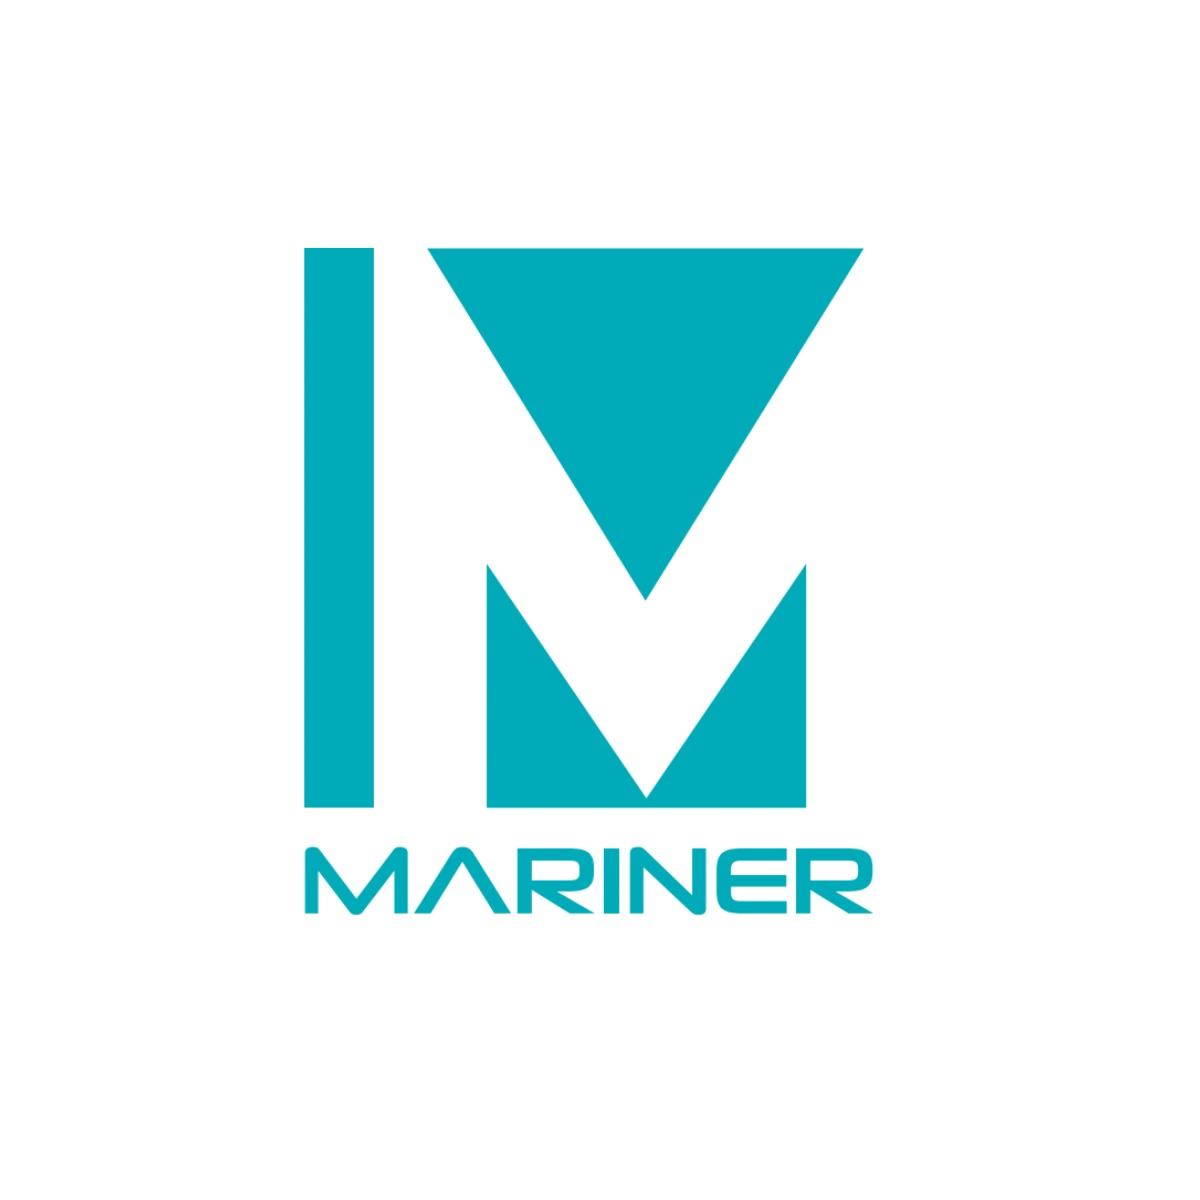 MARINER (Italy)